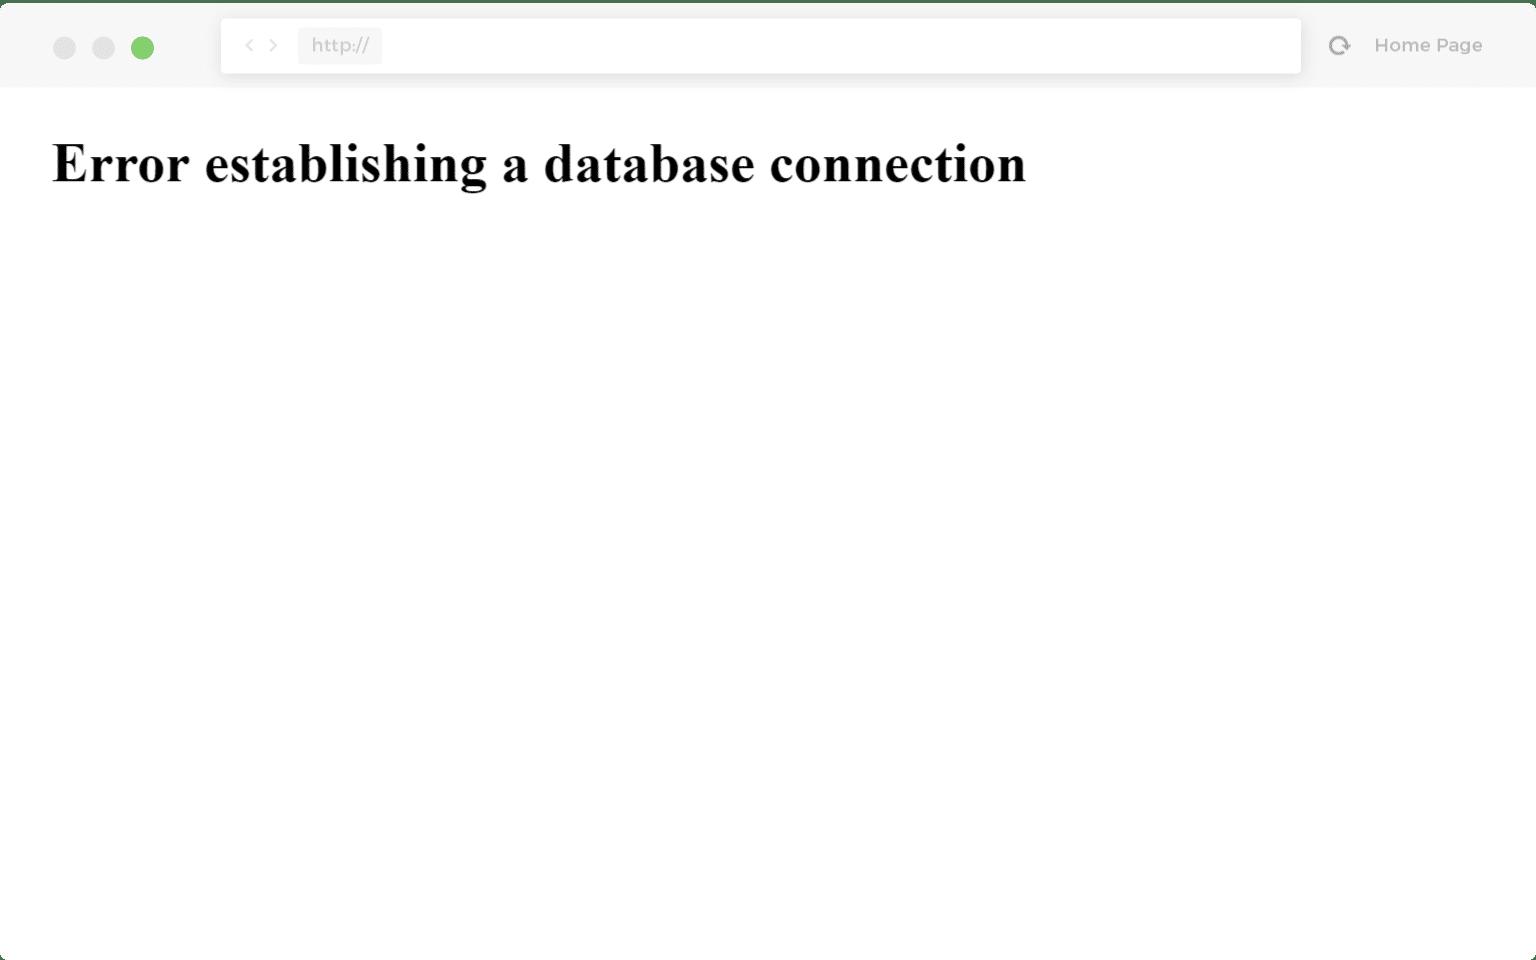 Exempel på fel med att upprätta en databasanslutning